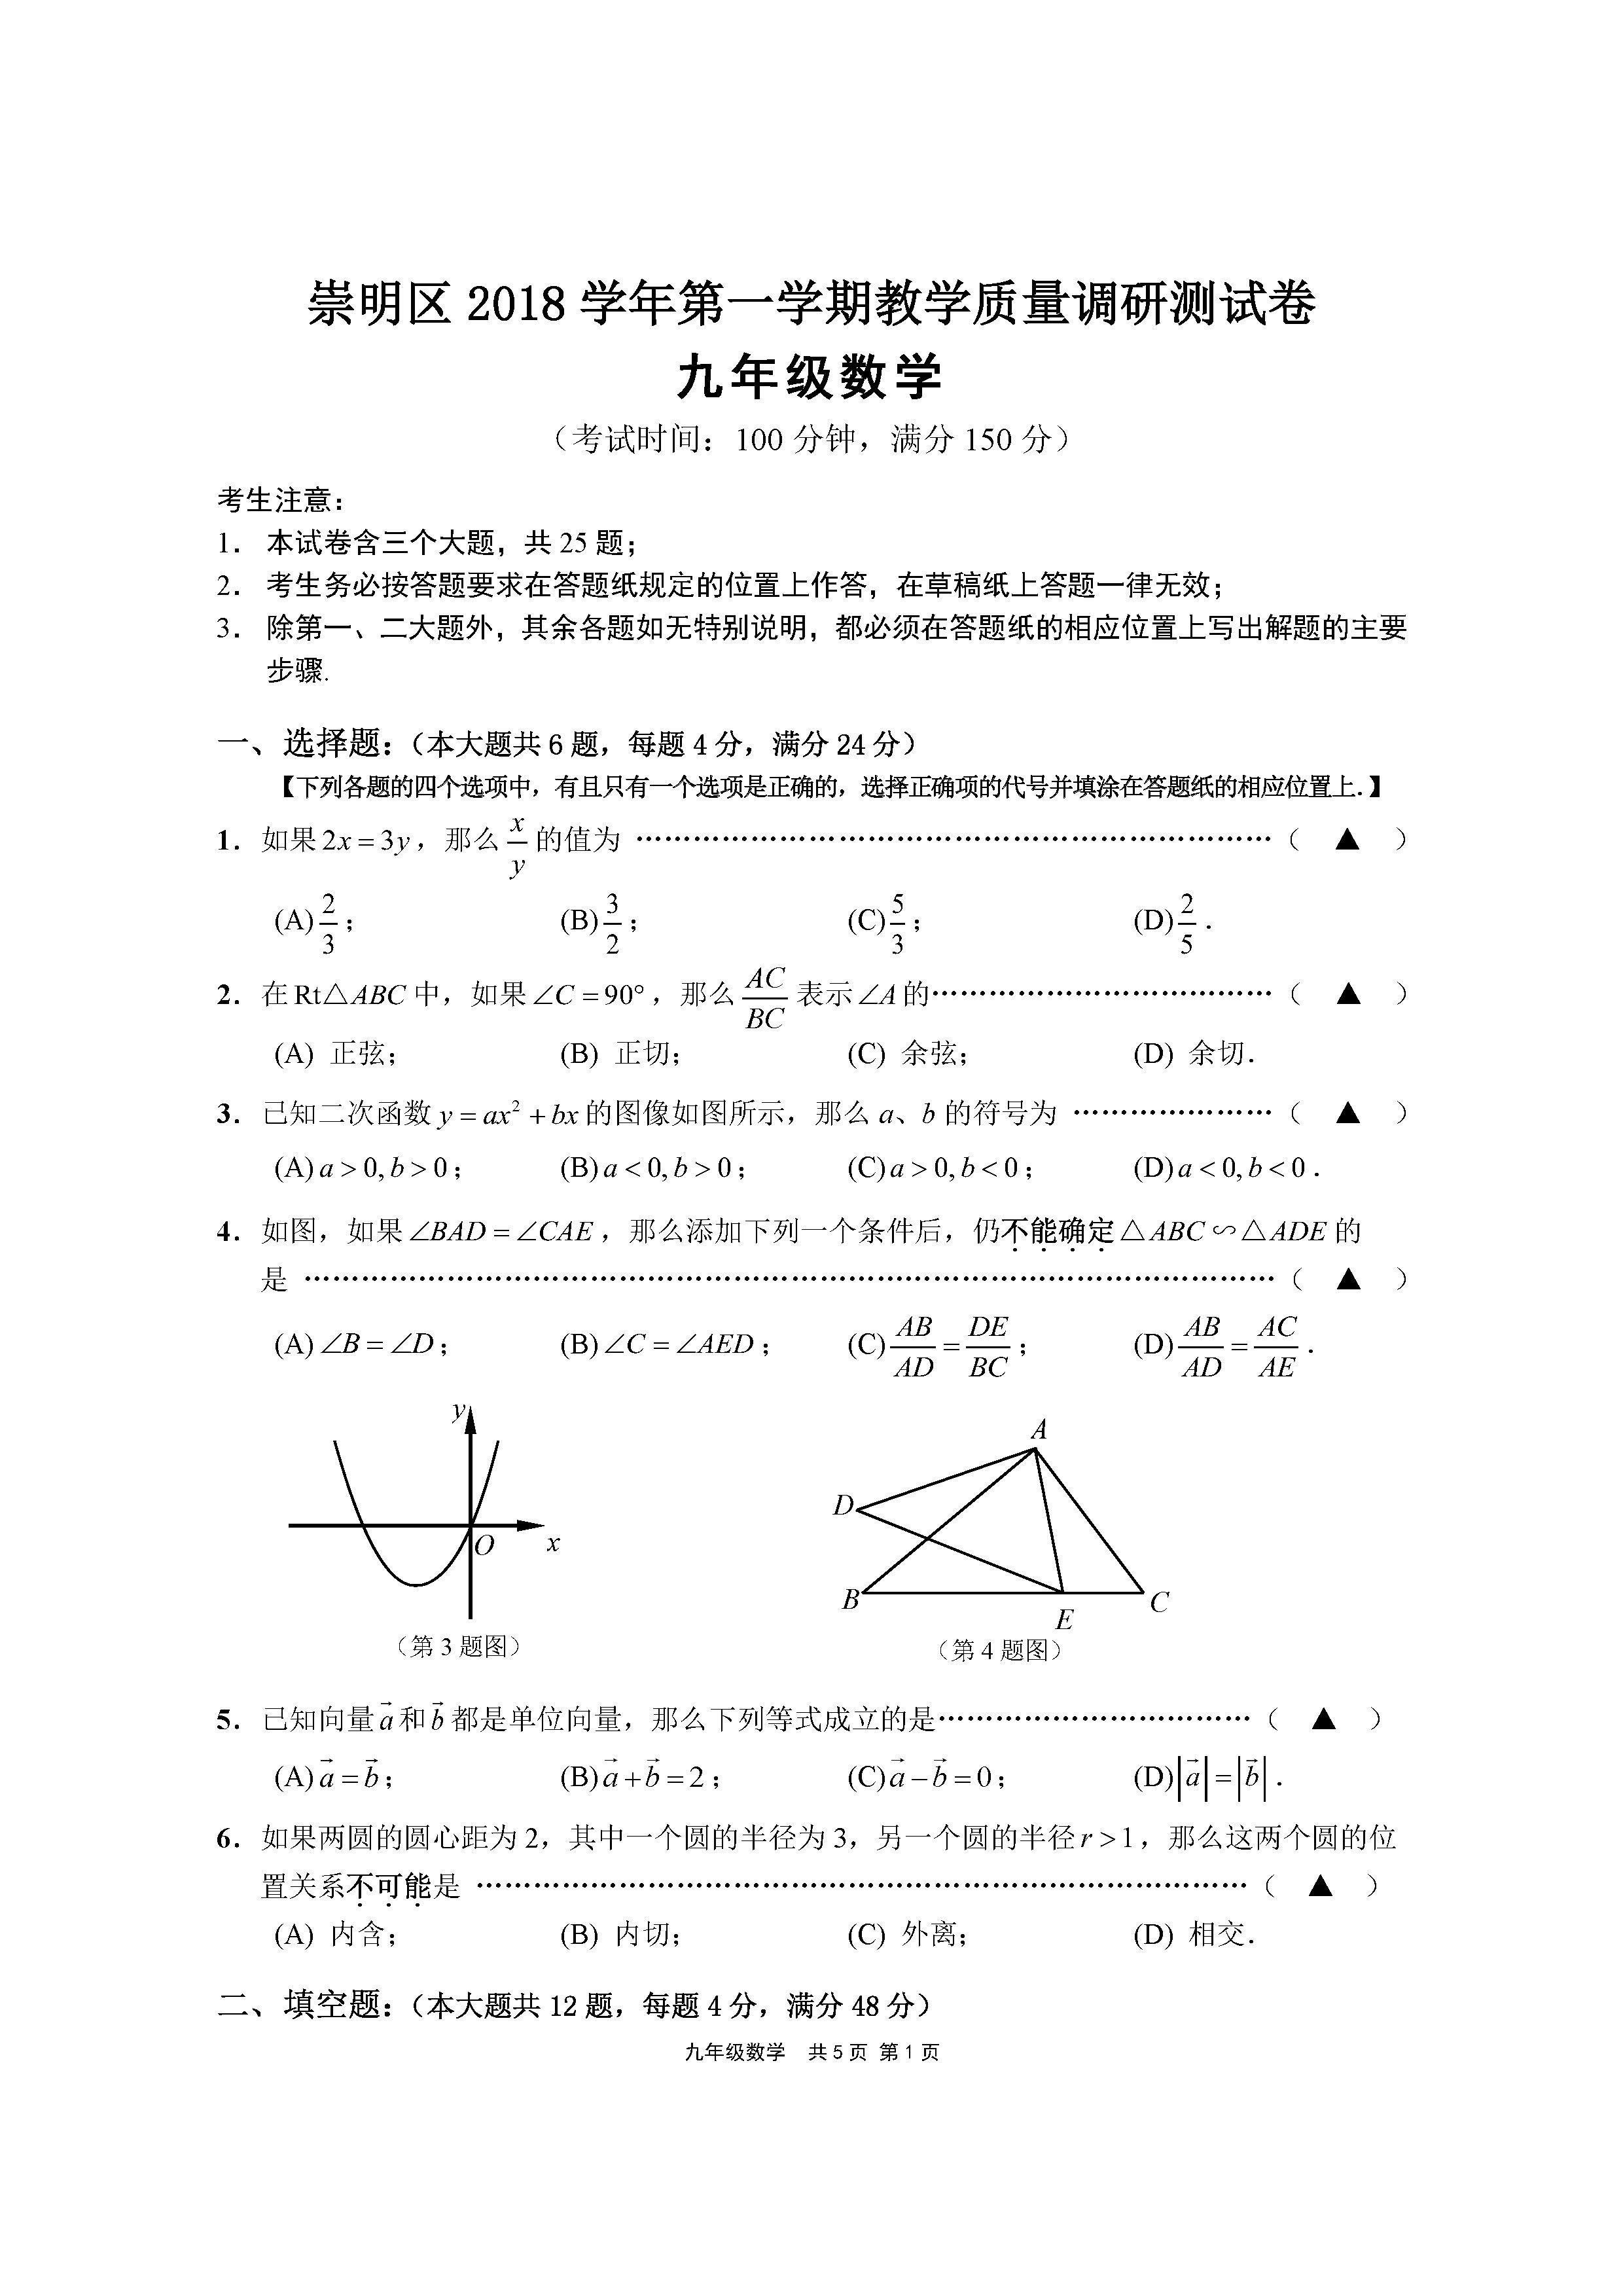 2019上海崇明中考一模数学试题及答案